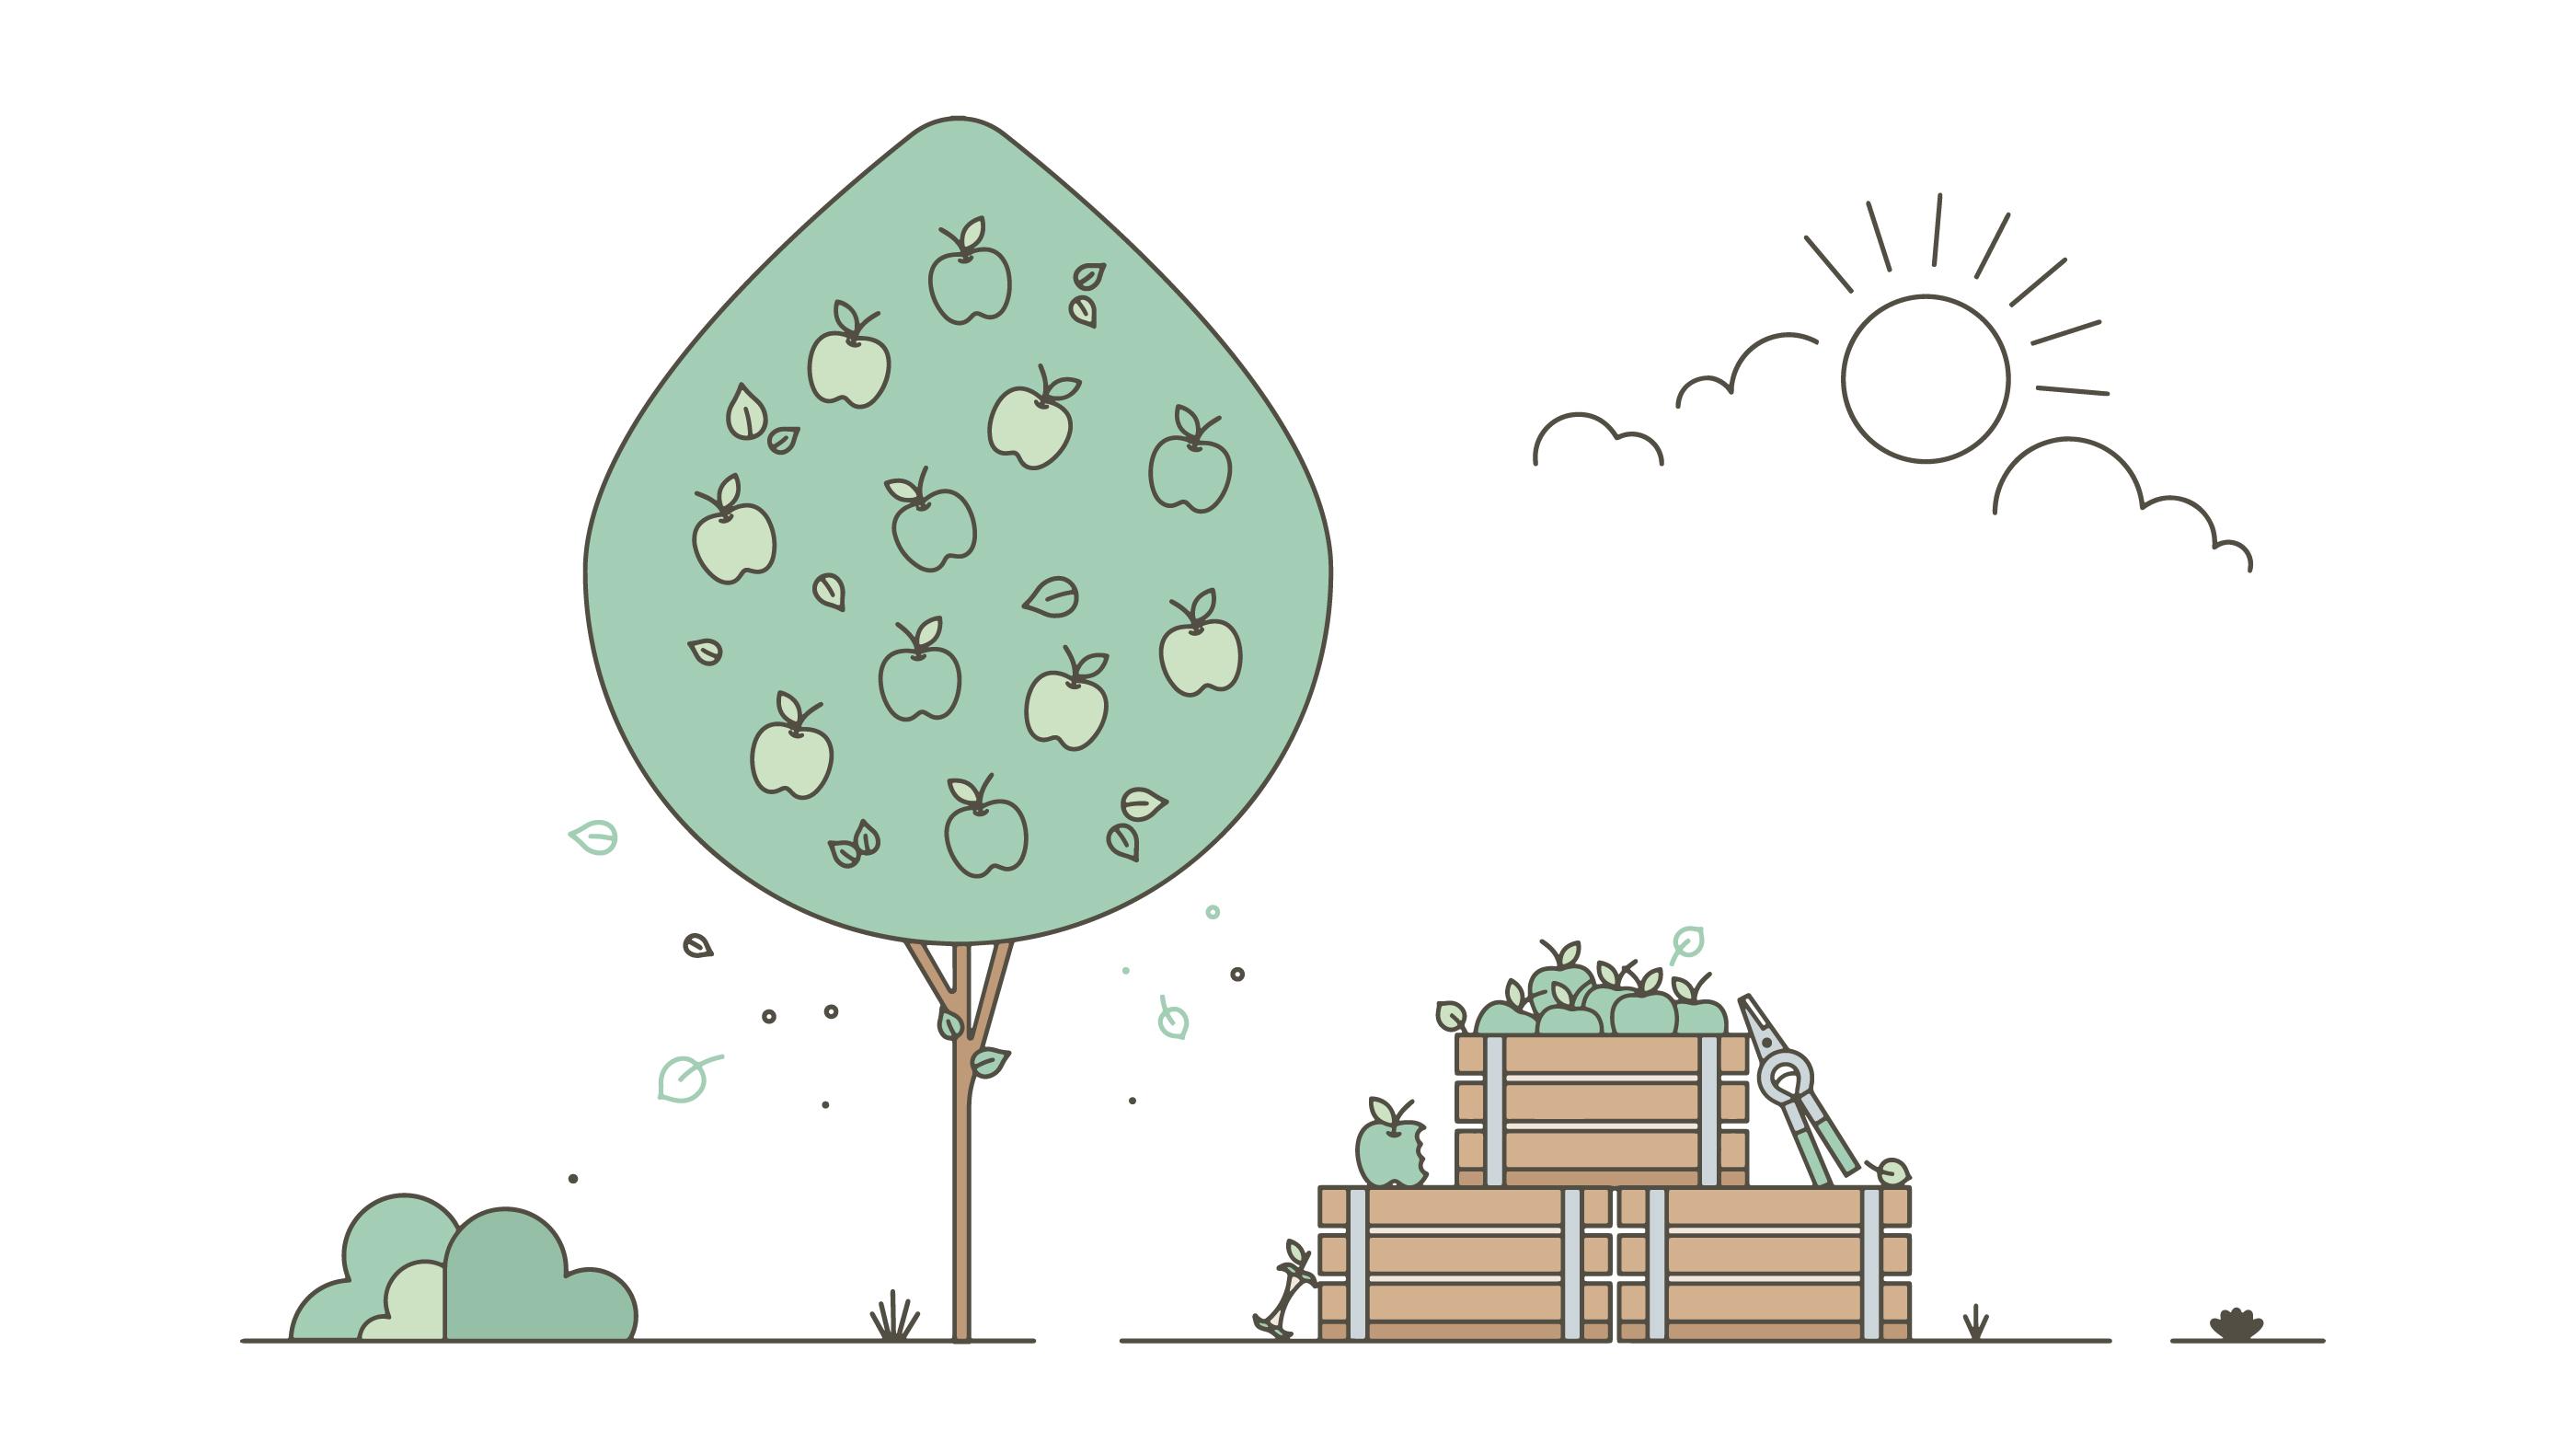 Vector de árbol de manzana gratis - Descargue Gráficos y Vectores Gratis